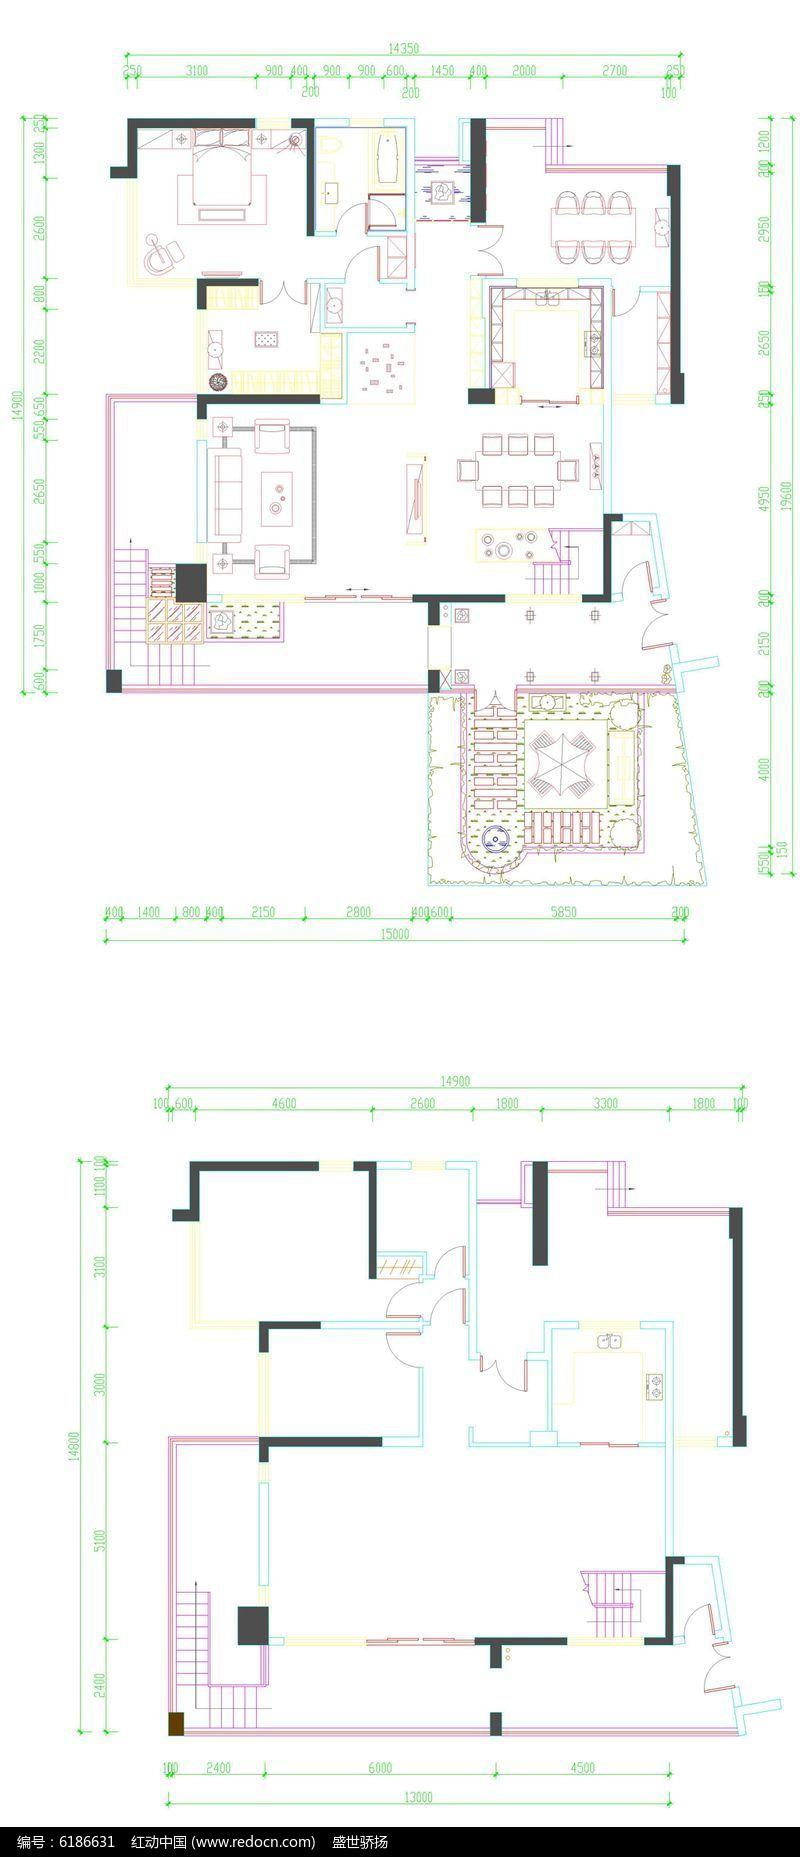 家居墙面尺寸平面dwg素材下载_室内装修设计cad图纸防水剖面图图片